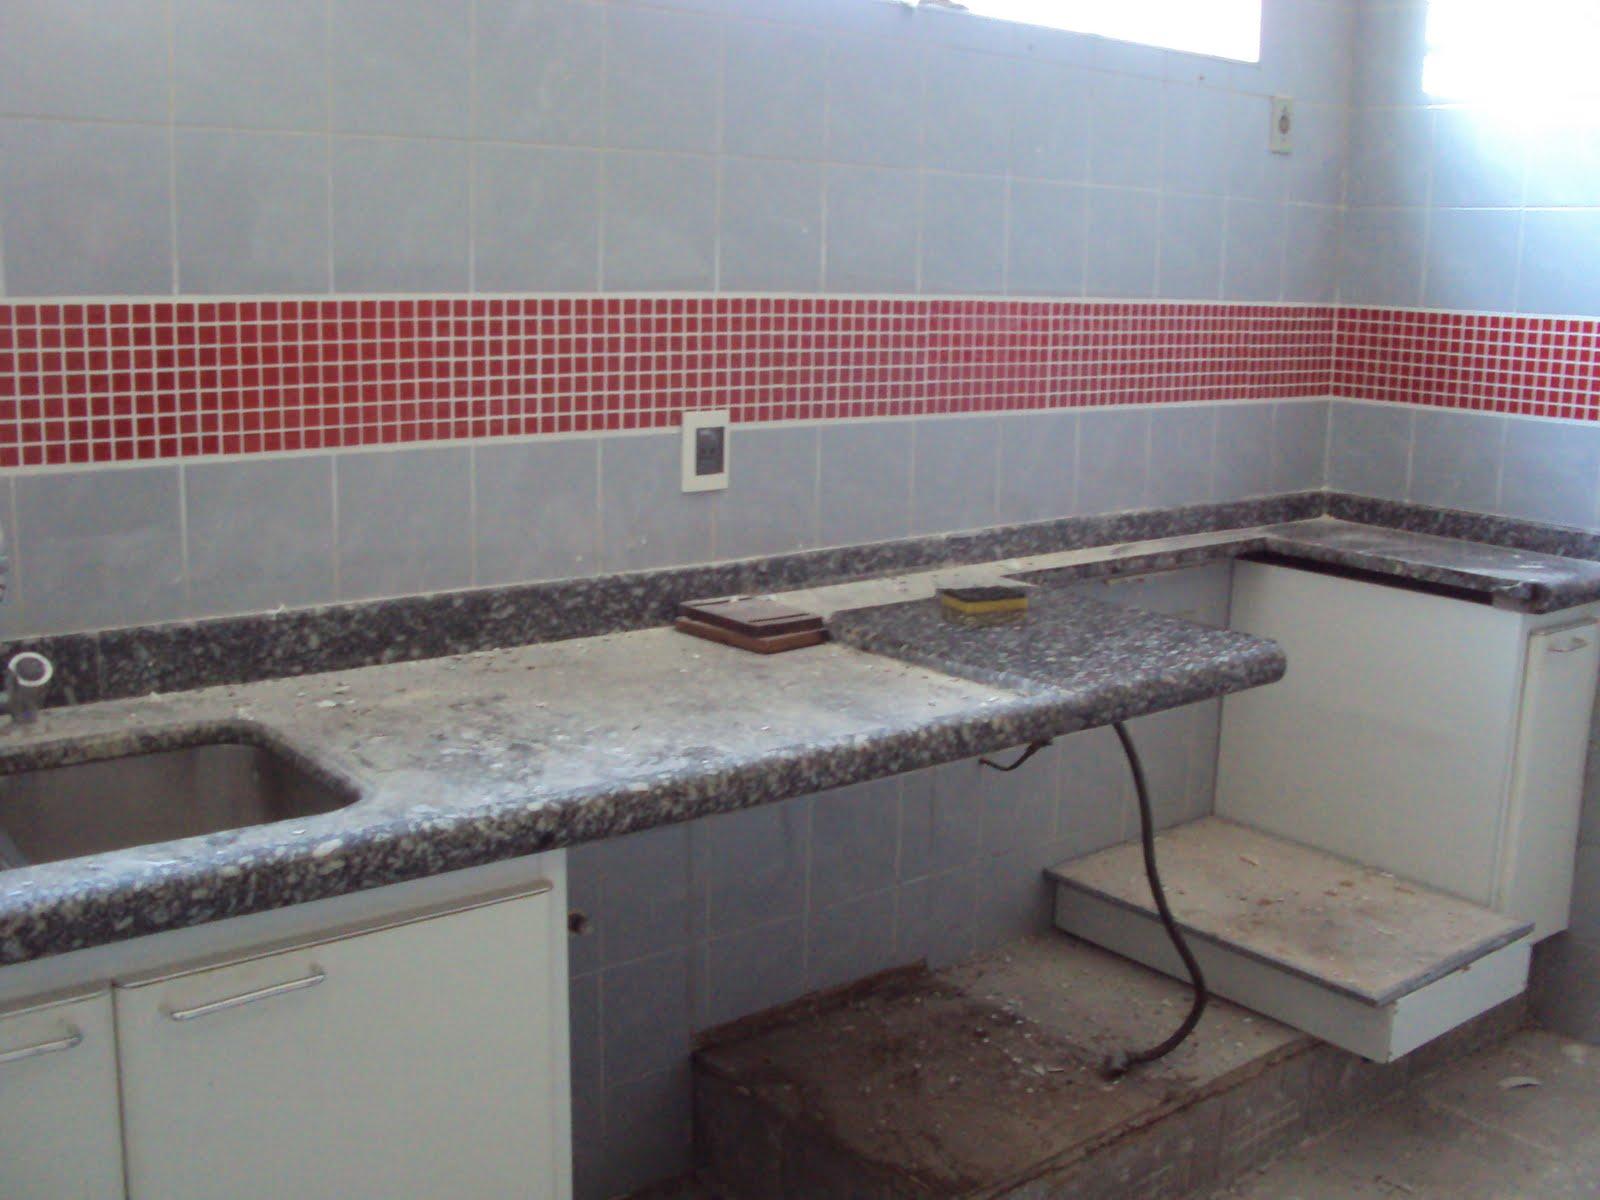 que algumas pastilhas vermelhas podem fazer por uma cozinha se  #714141 1600x1200 Banheiro Com Azulejo Ate A Metade